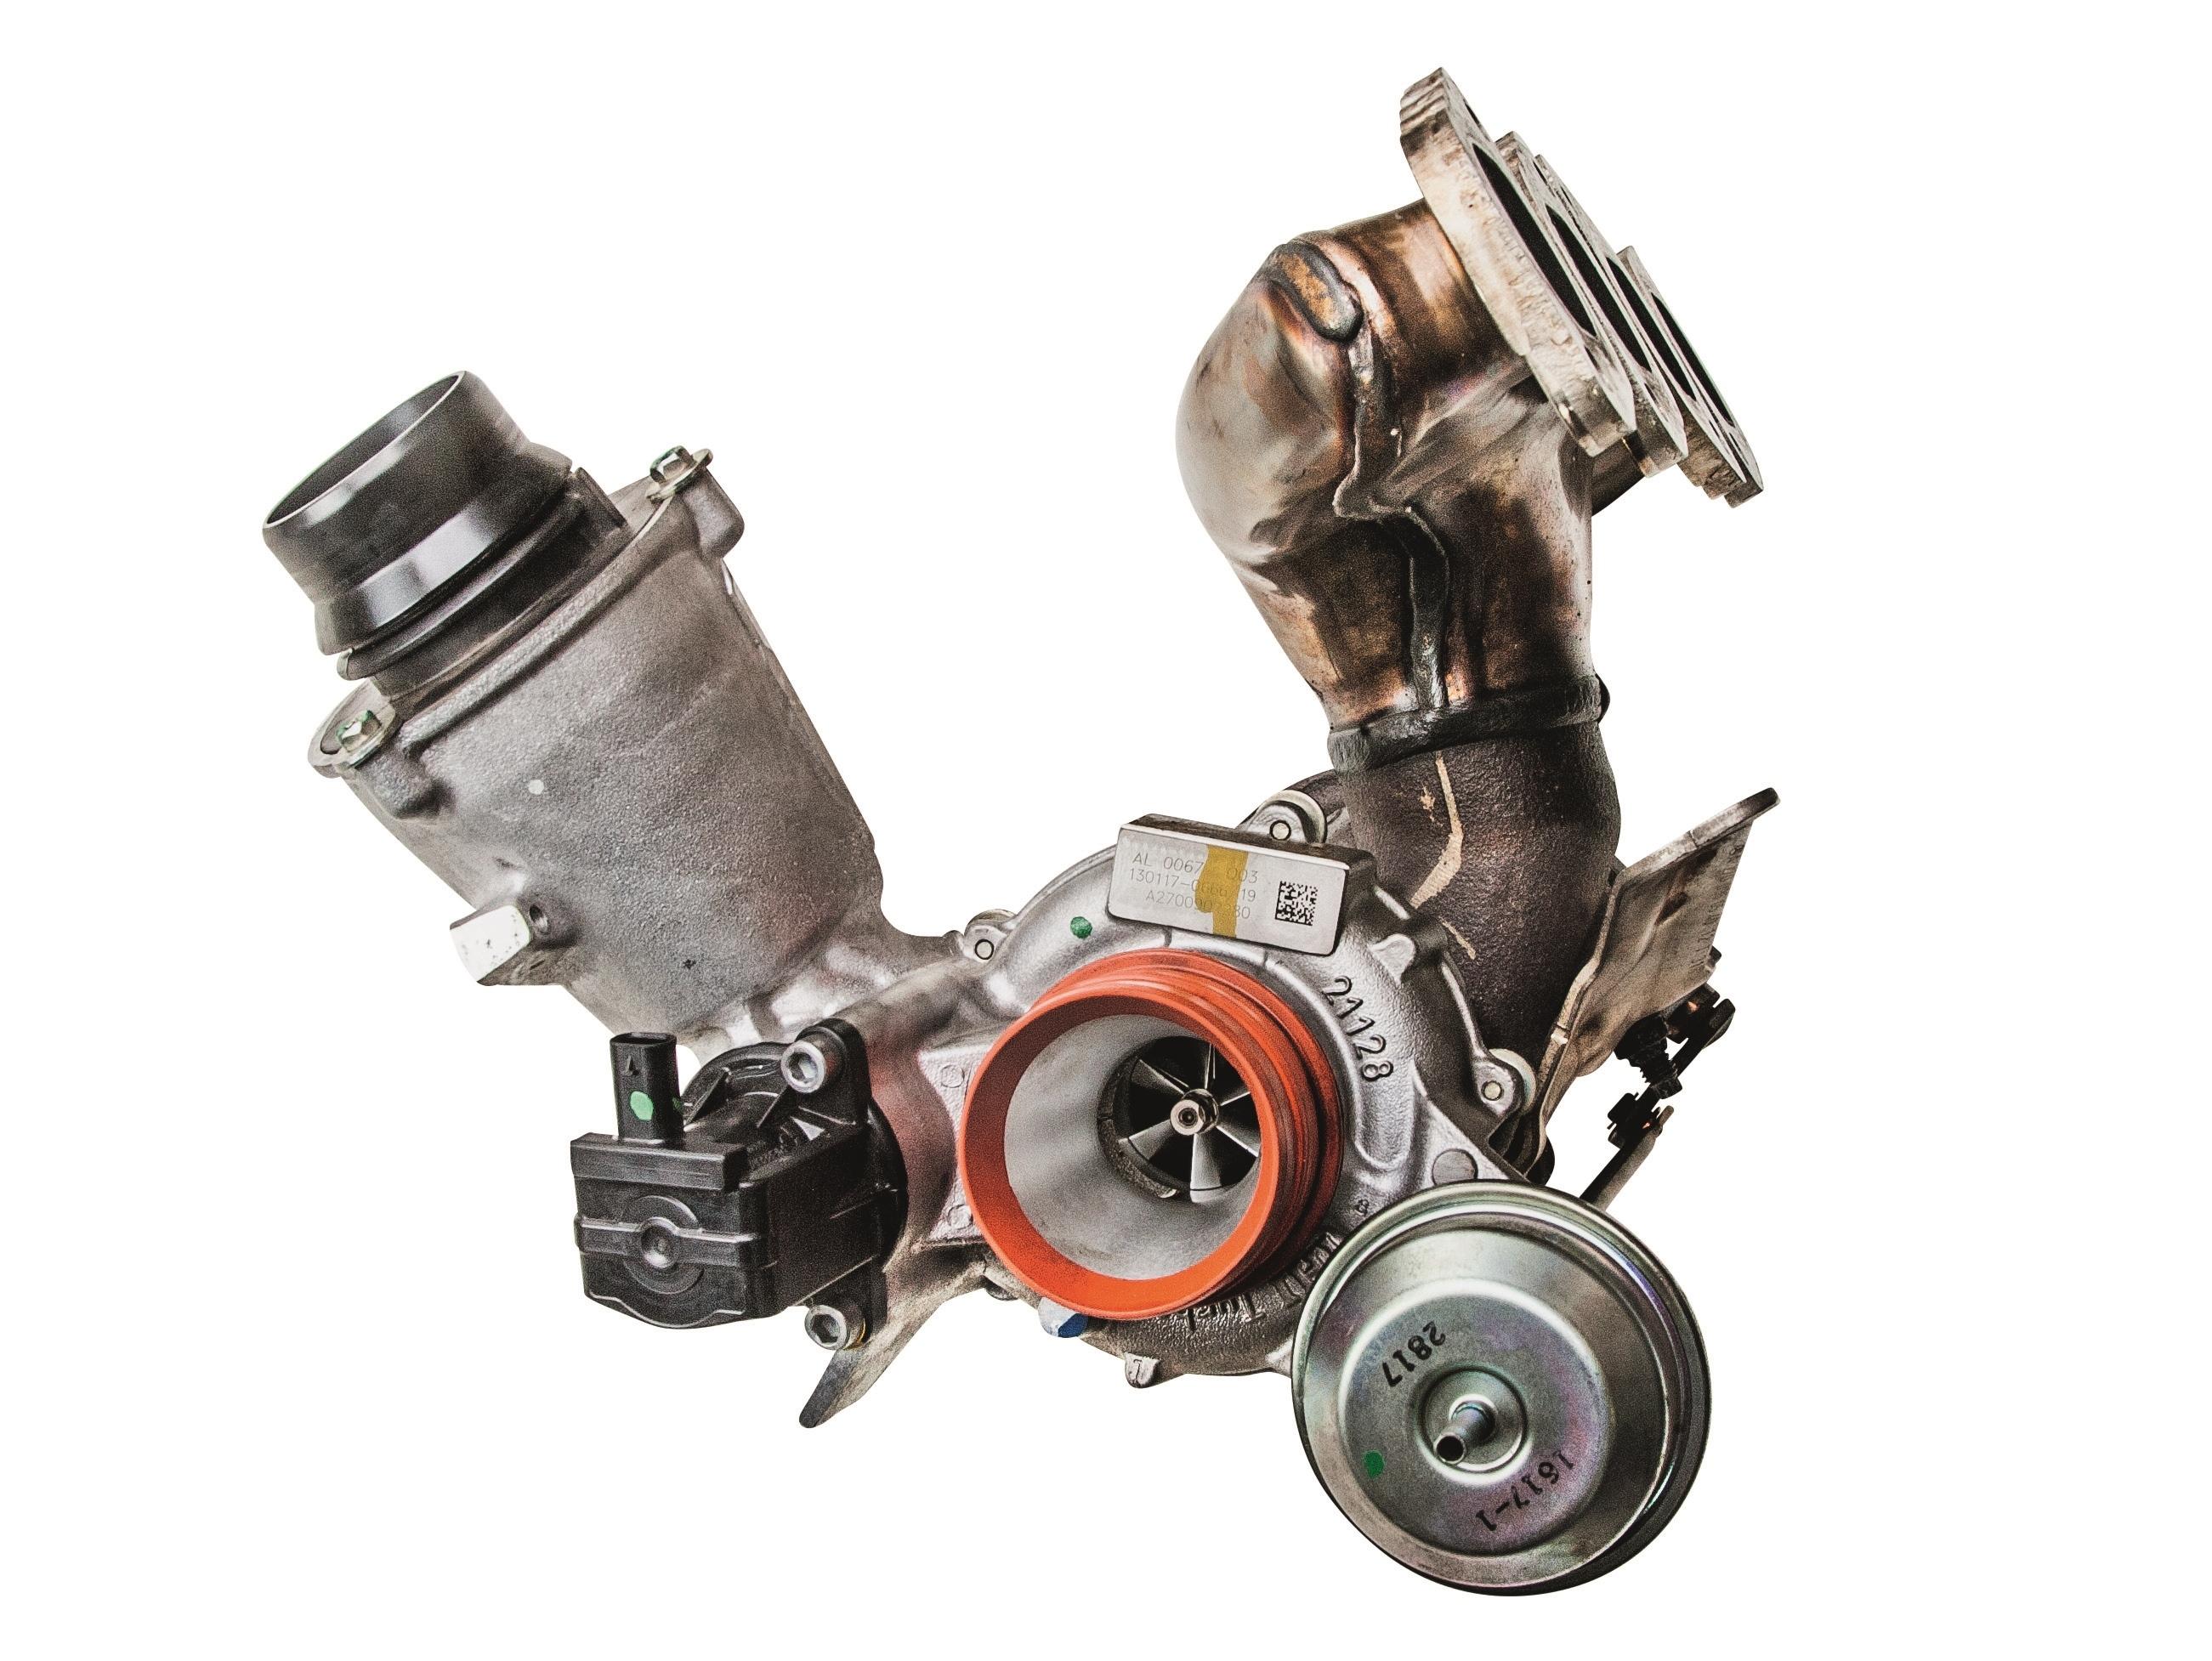 Conjunto de turbo, coletor de escape e duto de admissão de um Mercedes A200. Nova tecnologia multiplicaria estes componentes